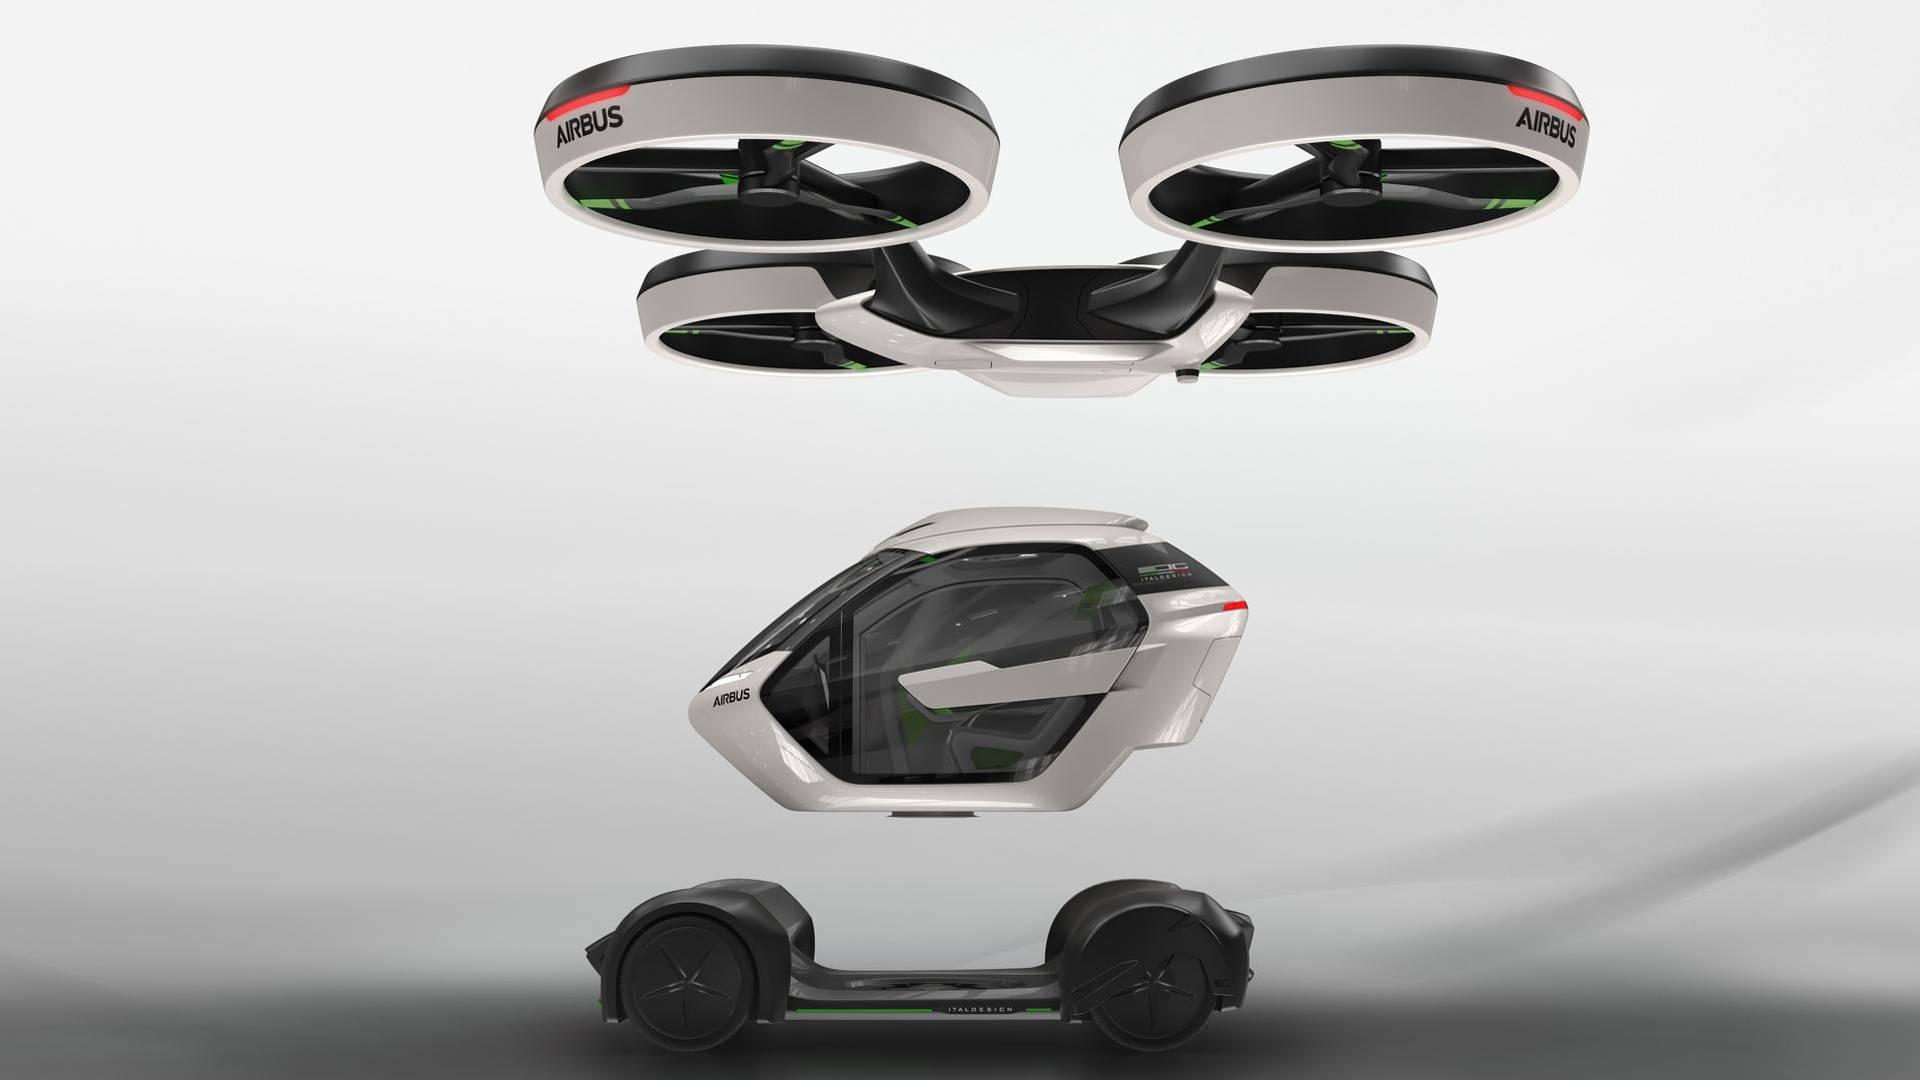 Audi Airbus ItalDesign Pop.Up Next concept (9)